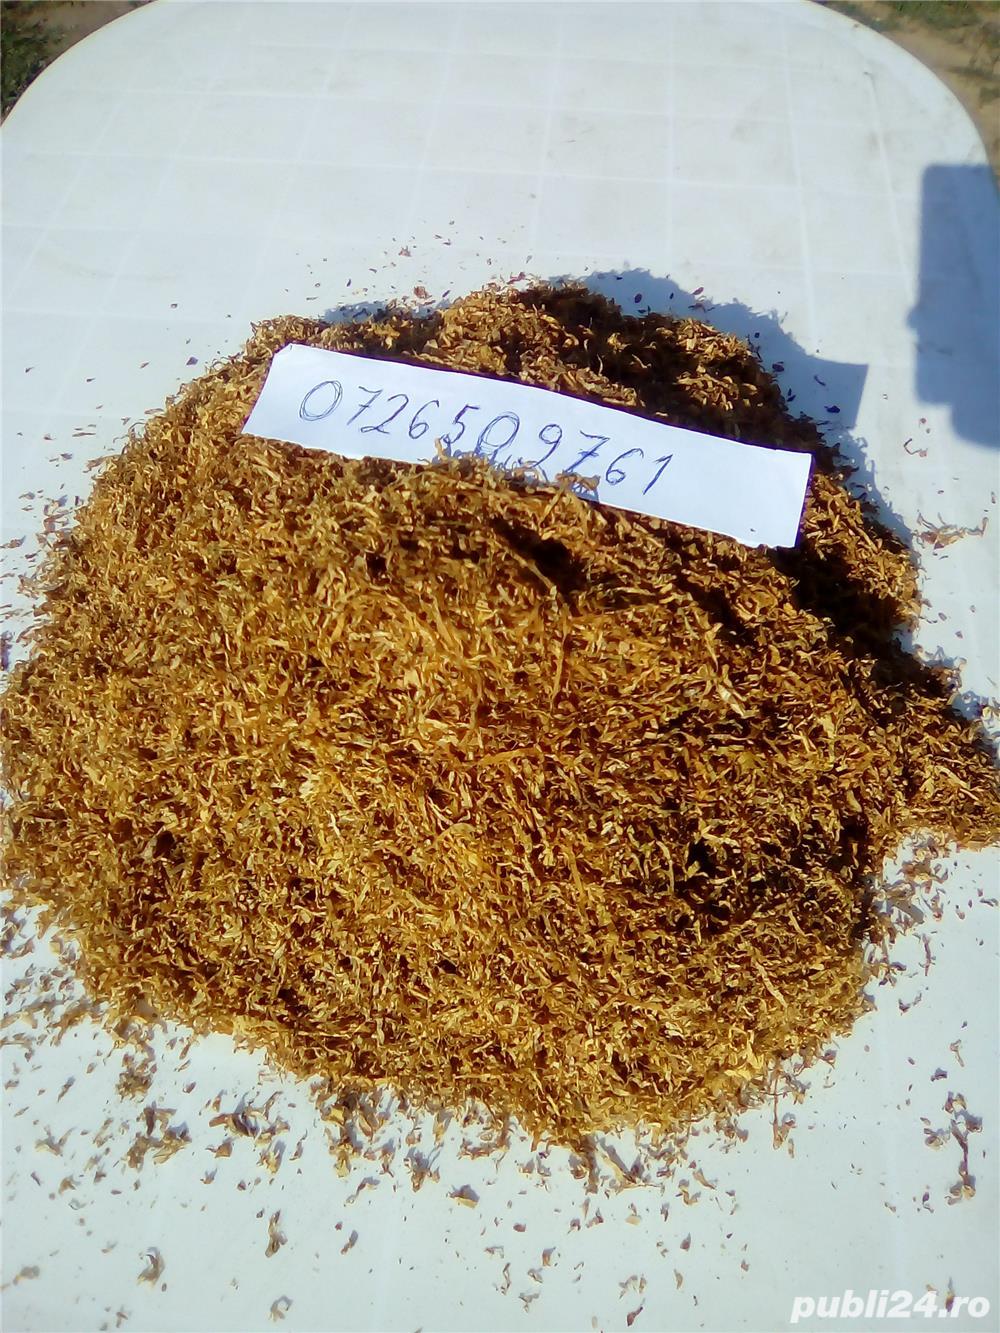 Tutun firicel virgina gold si burley 0726509761